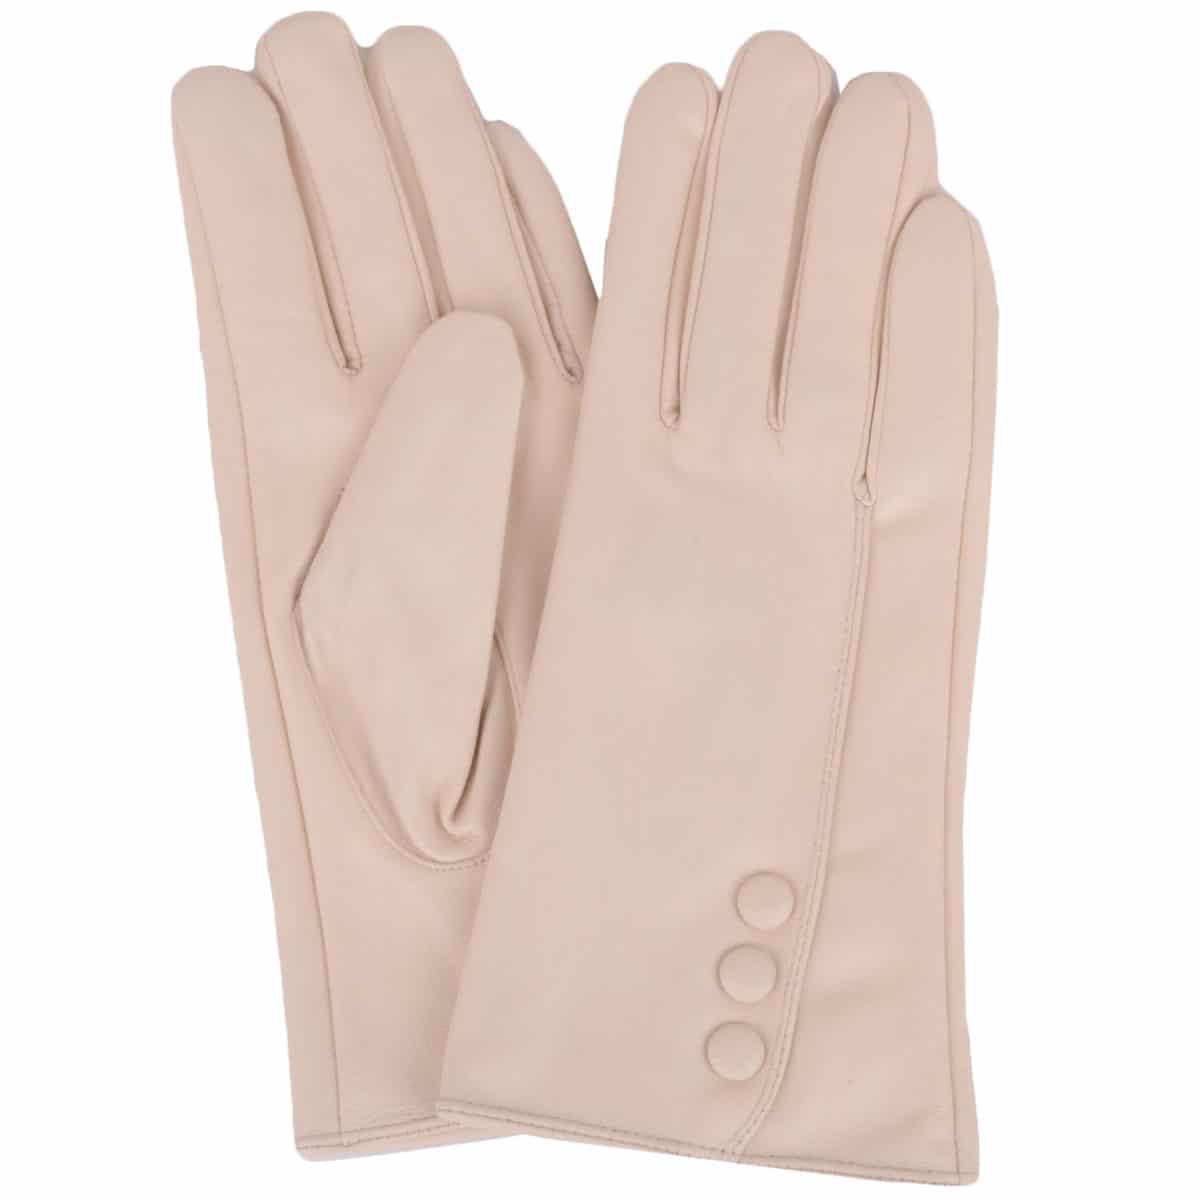 Rhian - Leather Gloves Triple Button Feature - Beige